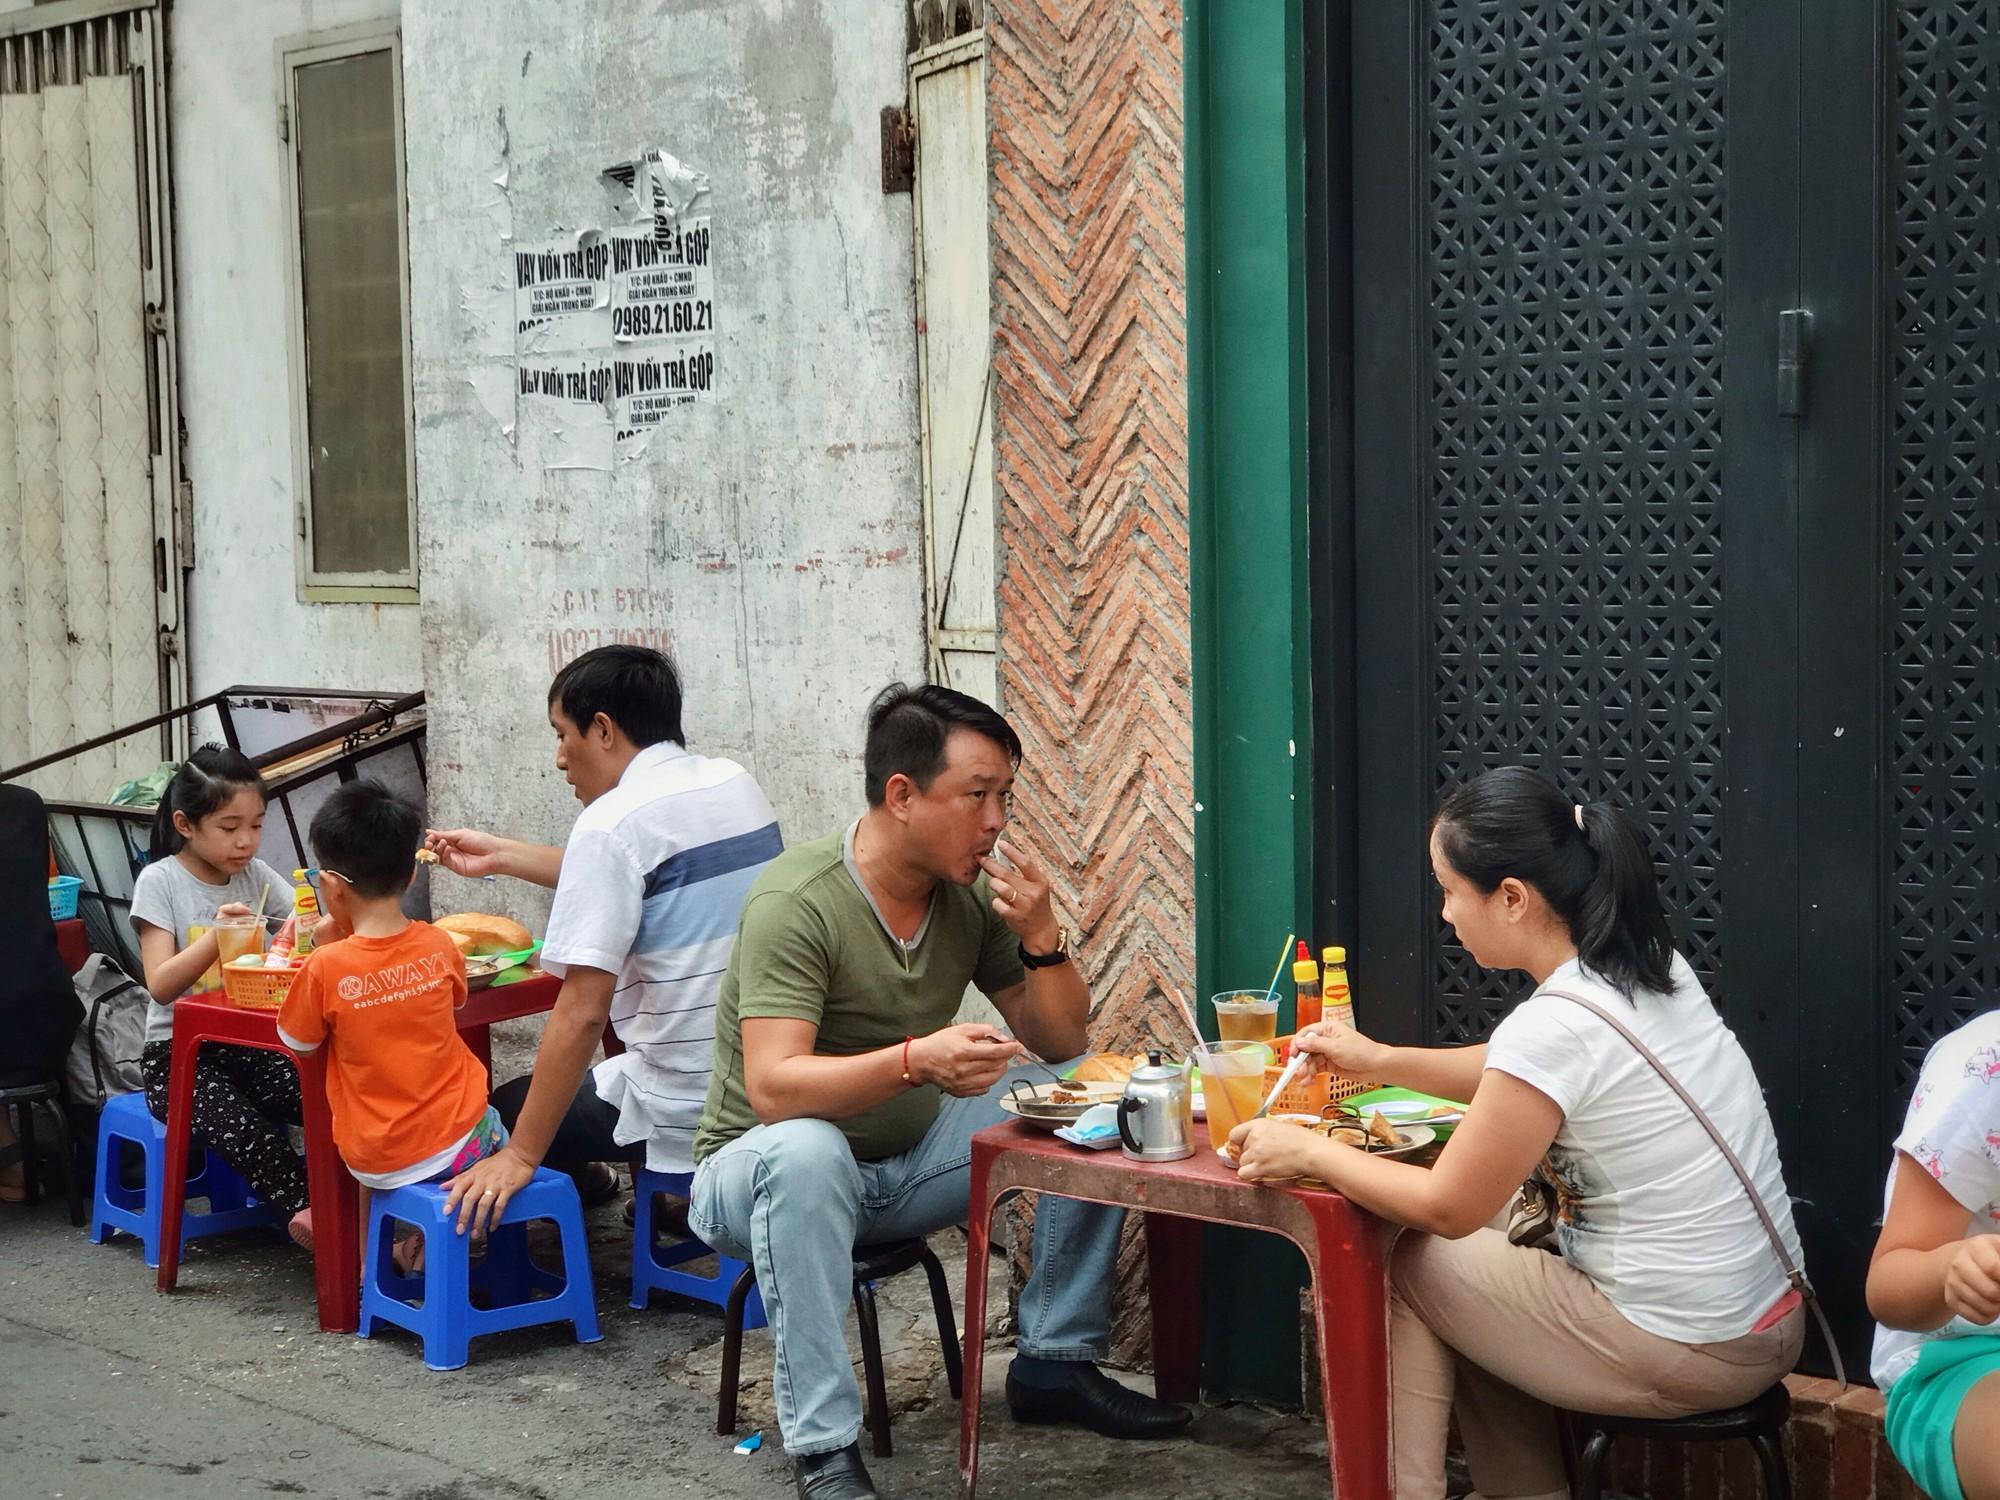 Tận hưởng bữa sáng theo cách riêng rất lạ của người Sài Gòn - Ảnh 3.